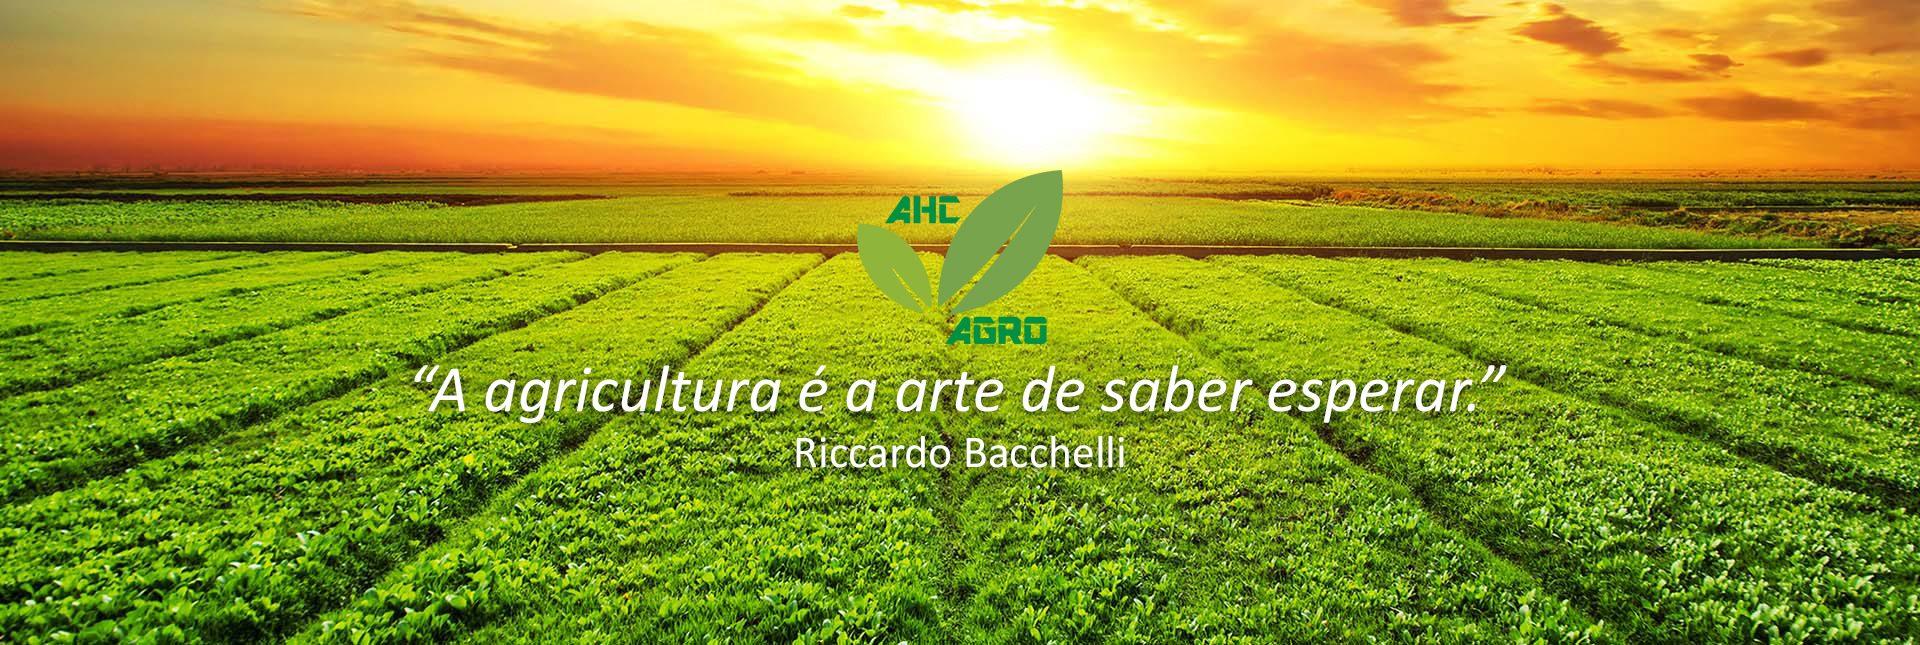 AHC Agro